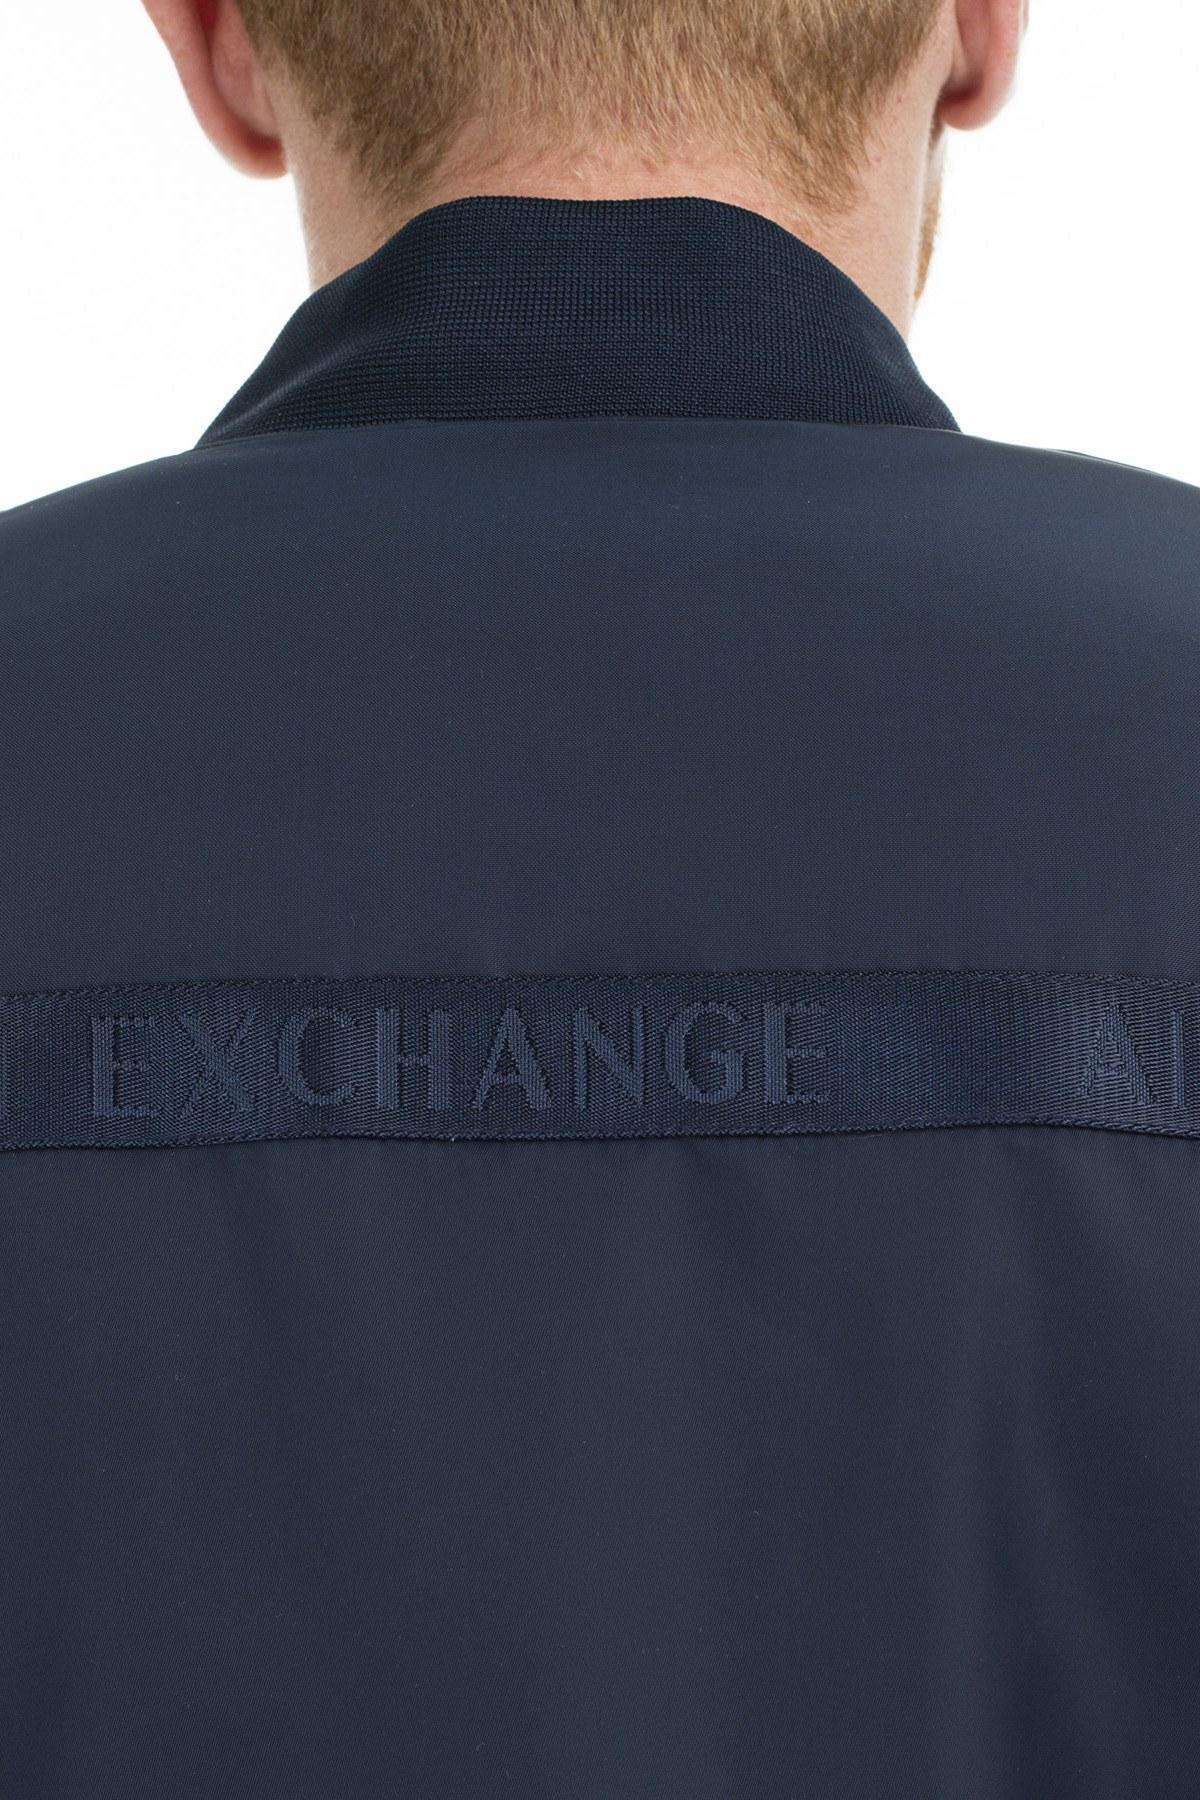 Armani Exchange Erkek Mont 6GZB12 ZNPHZ 1510 LACİVERT